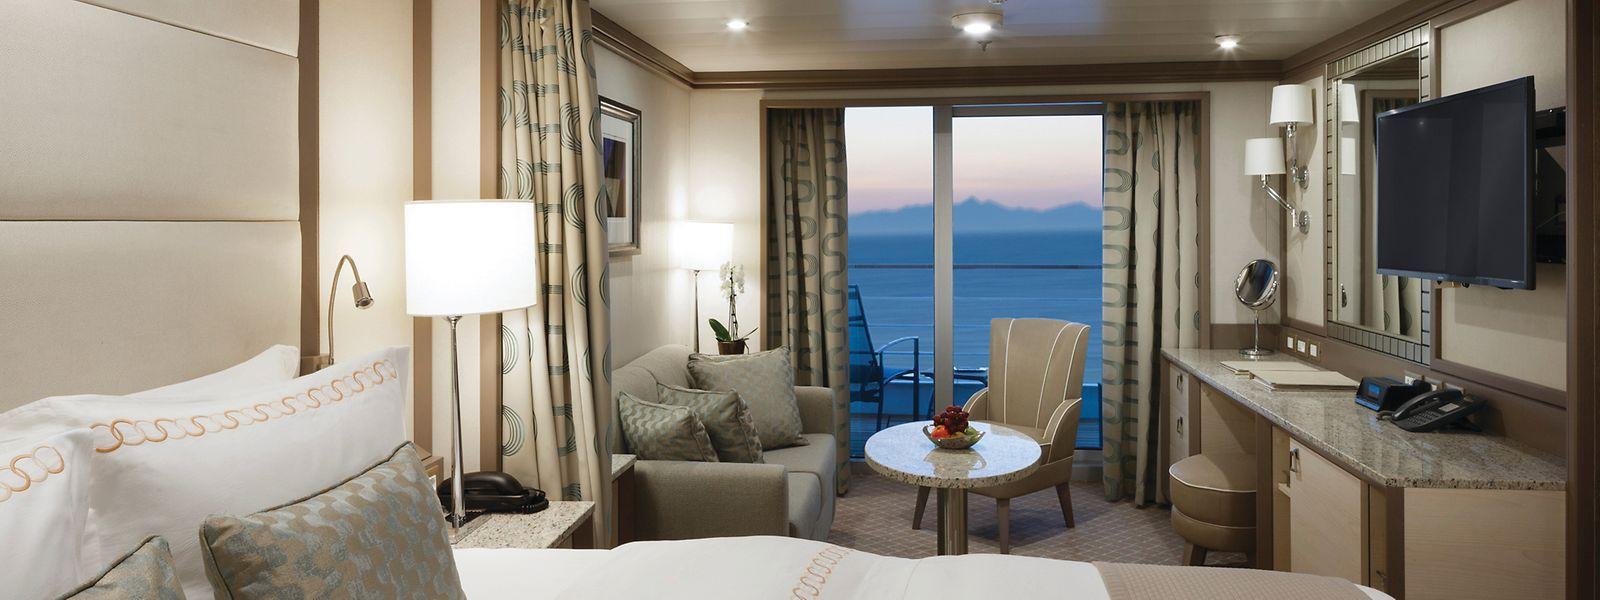 Silver Moon Veranda Suite – erleben Sie eins der höchsten Raum-zu-Gast-Verhältnisse auf See.